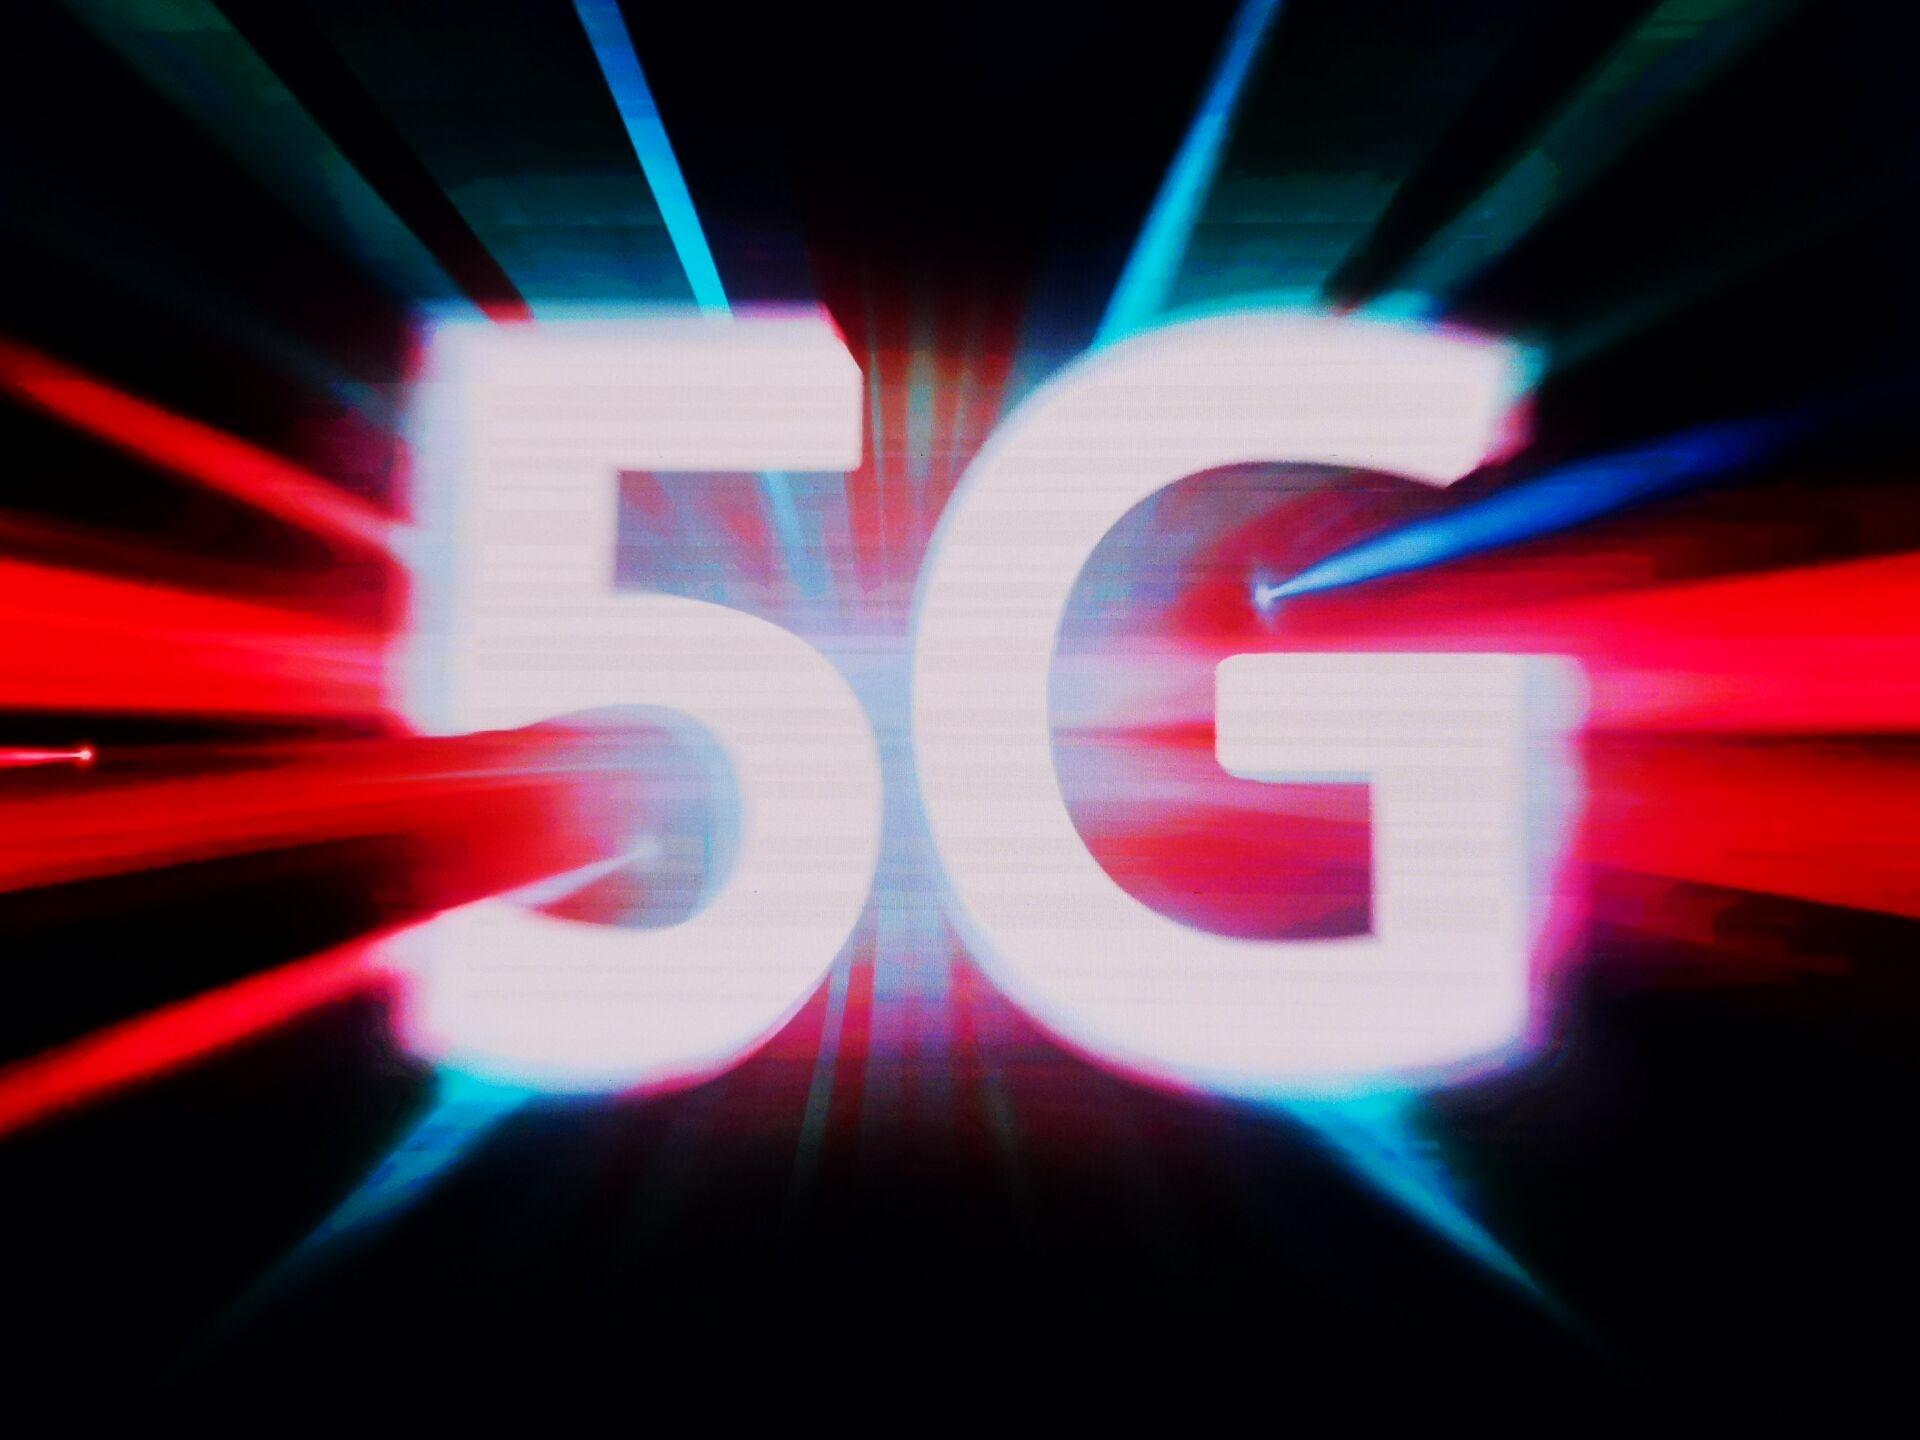 华为:5G时代一度电能下载5000部电影 能效提升10-20倍